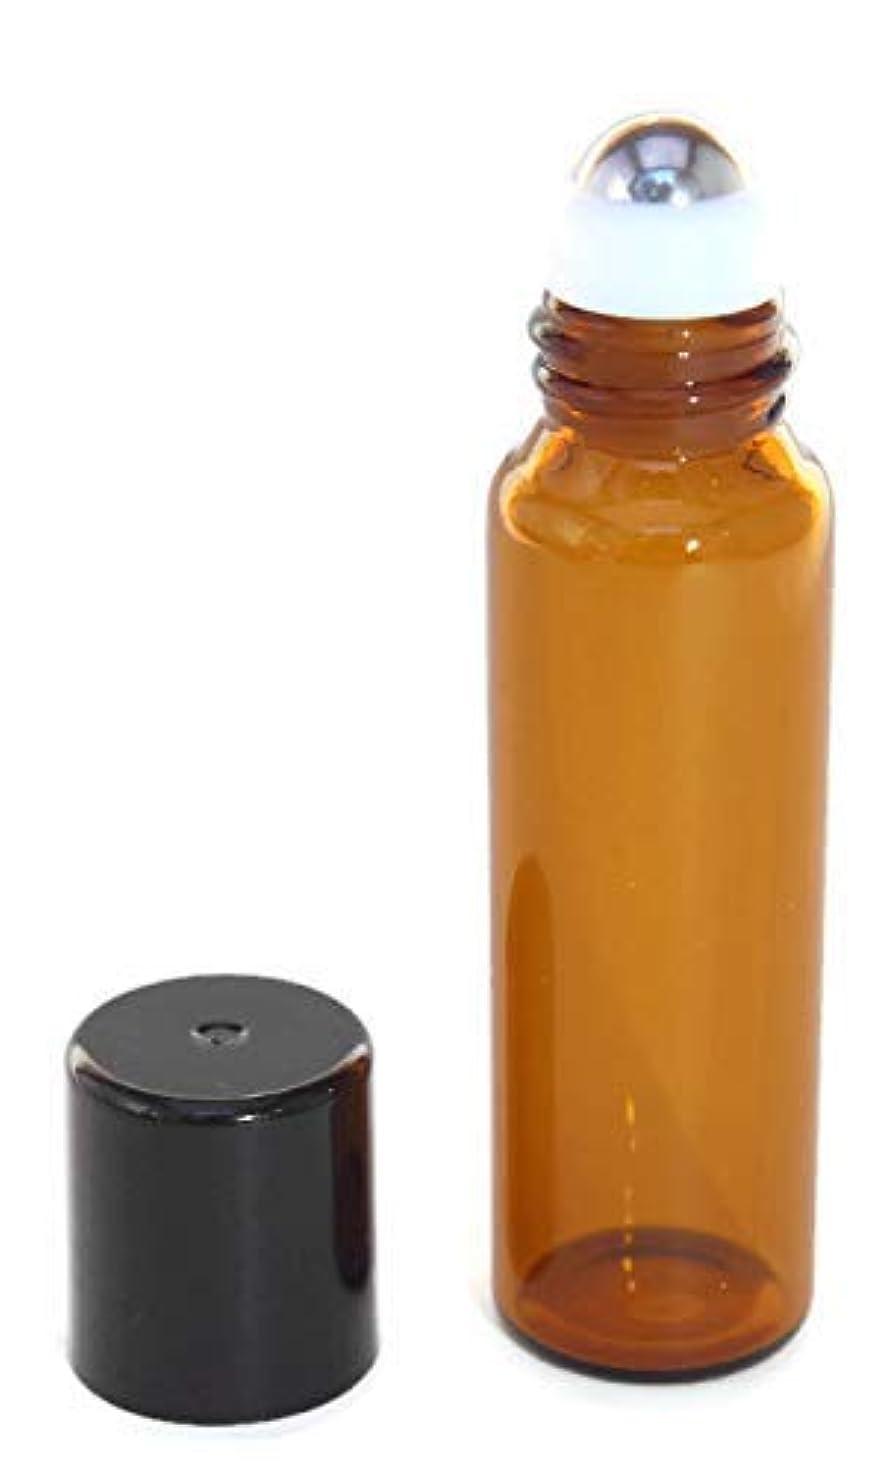 敬意を表するキャリッジ不定USA 144 Amber Glass 5 ml, Roll-On Glass Bottles with Stainless Steel Roller Roll On Balls - Refillable Aromatherapy...